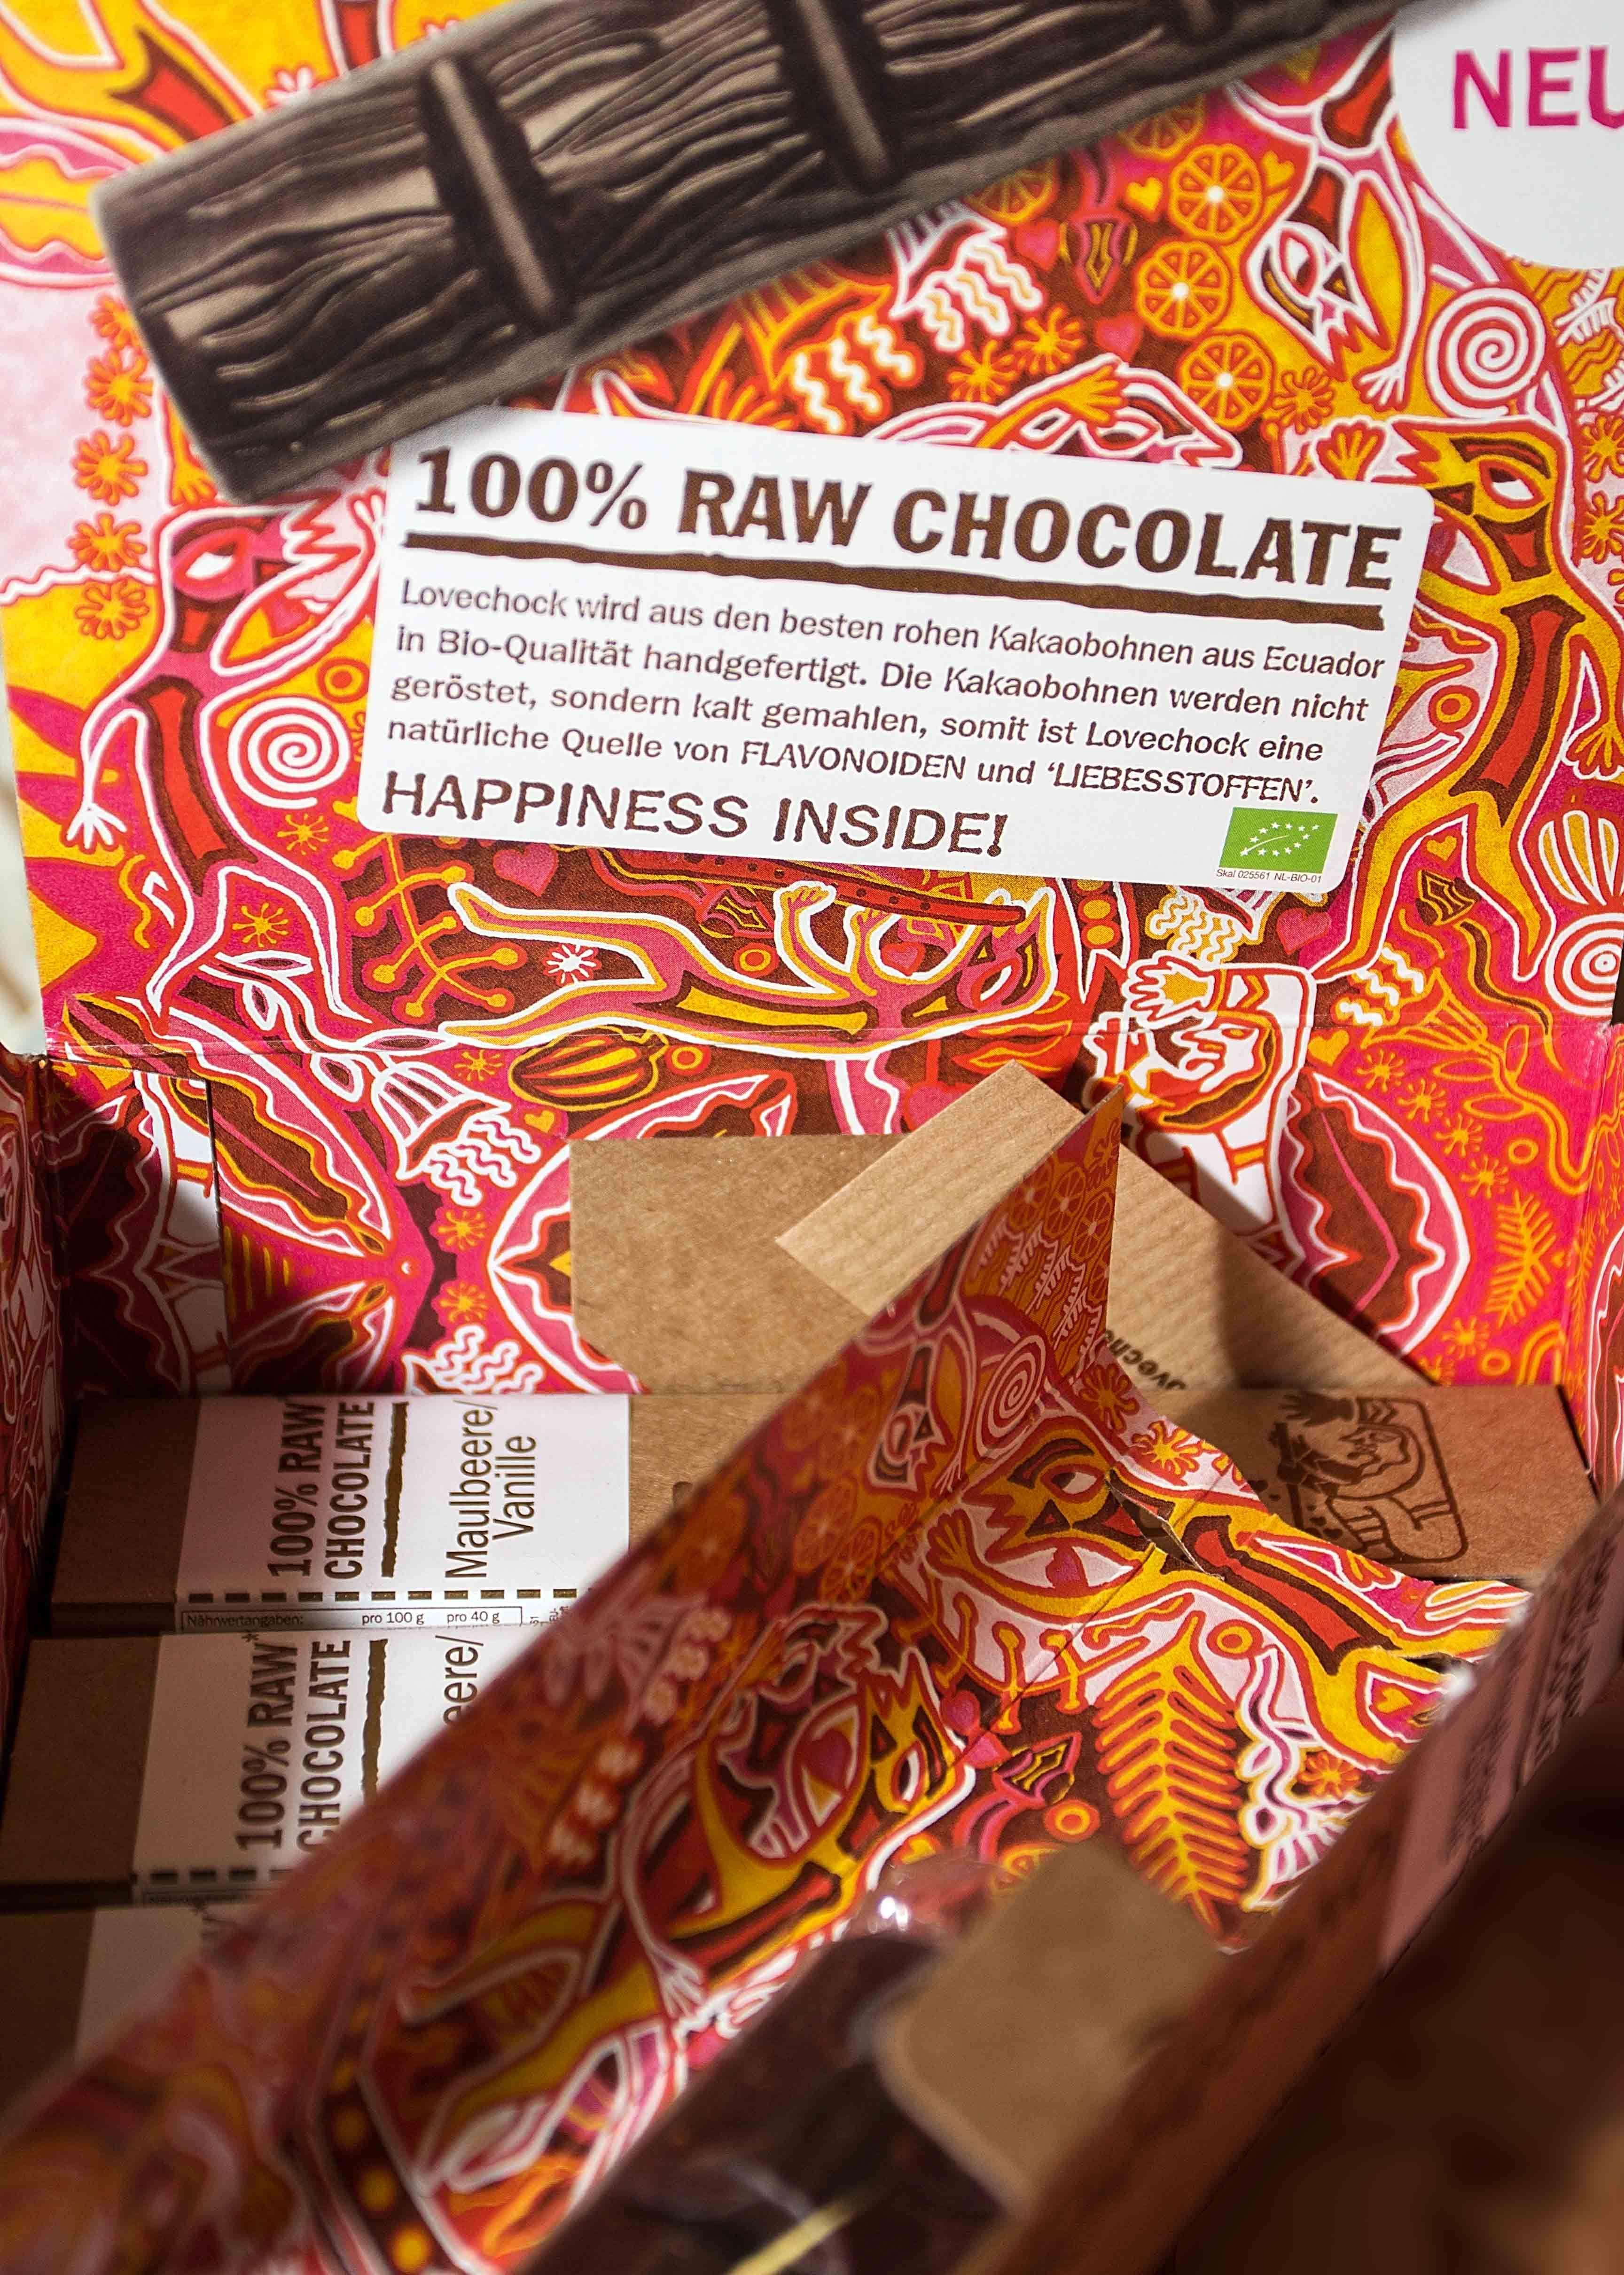 """Süß, süßer, Bio-Schokolade. Schleckermäulchen konnten sich an der Top Newcomer-Marke """"100% Raw Chocolate"""" wahrlich laben. Natürlich mit """"Happiness inside"""". #suchdichgruen, #bio, #BioOst, 'Berlin, #Messe, #Raw Chocolate, #Schokolade"""